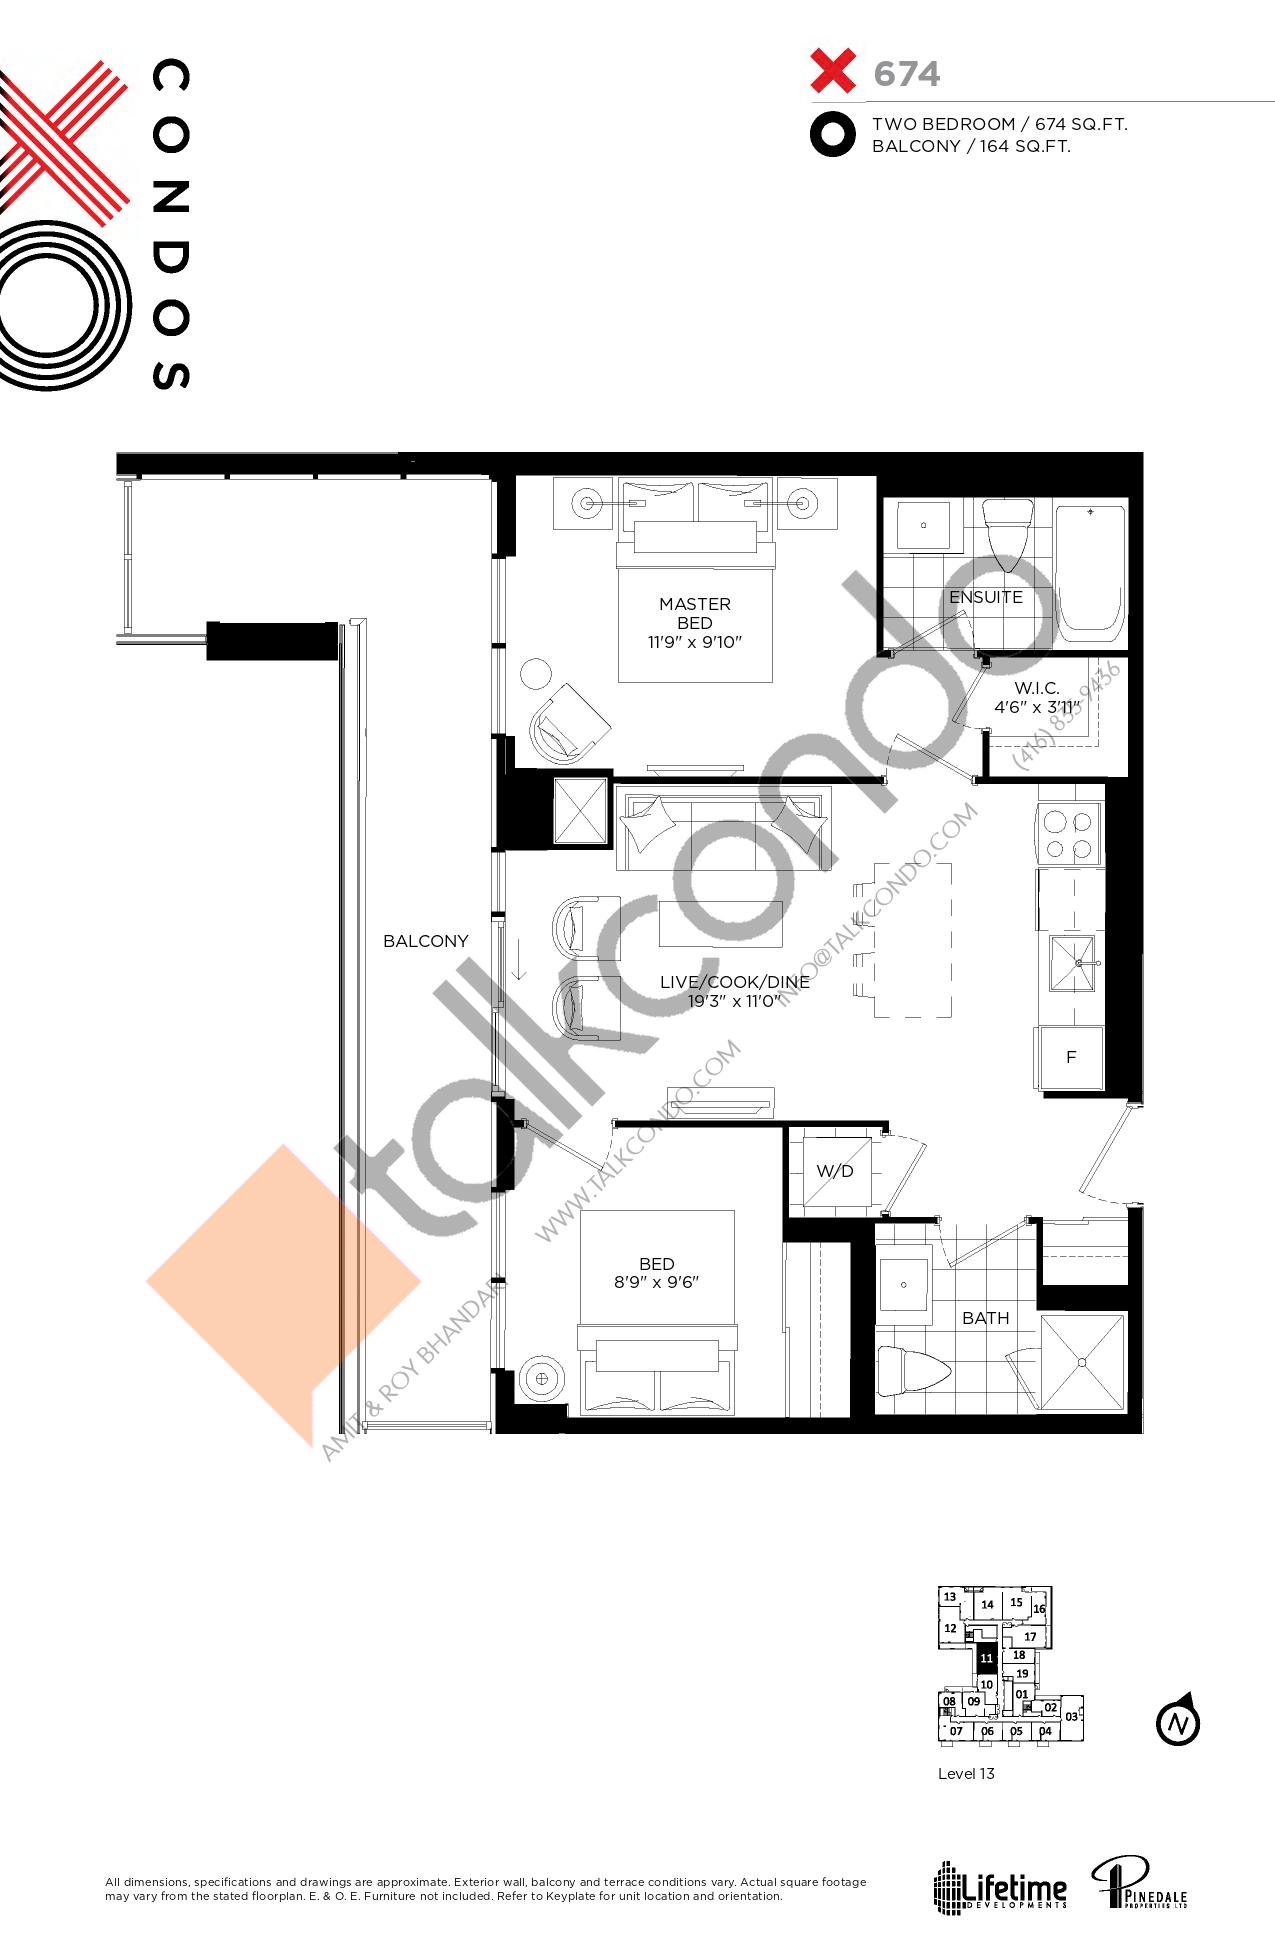 X674 Floor Plan at XO Condos - 674 sq.ft